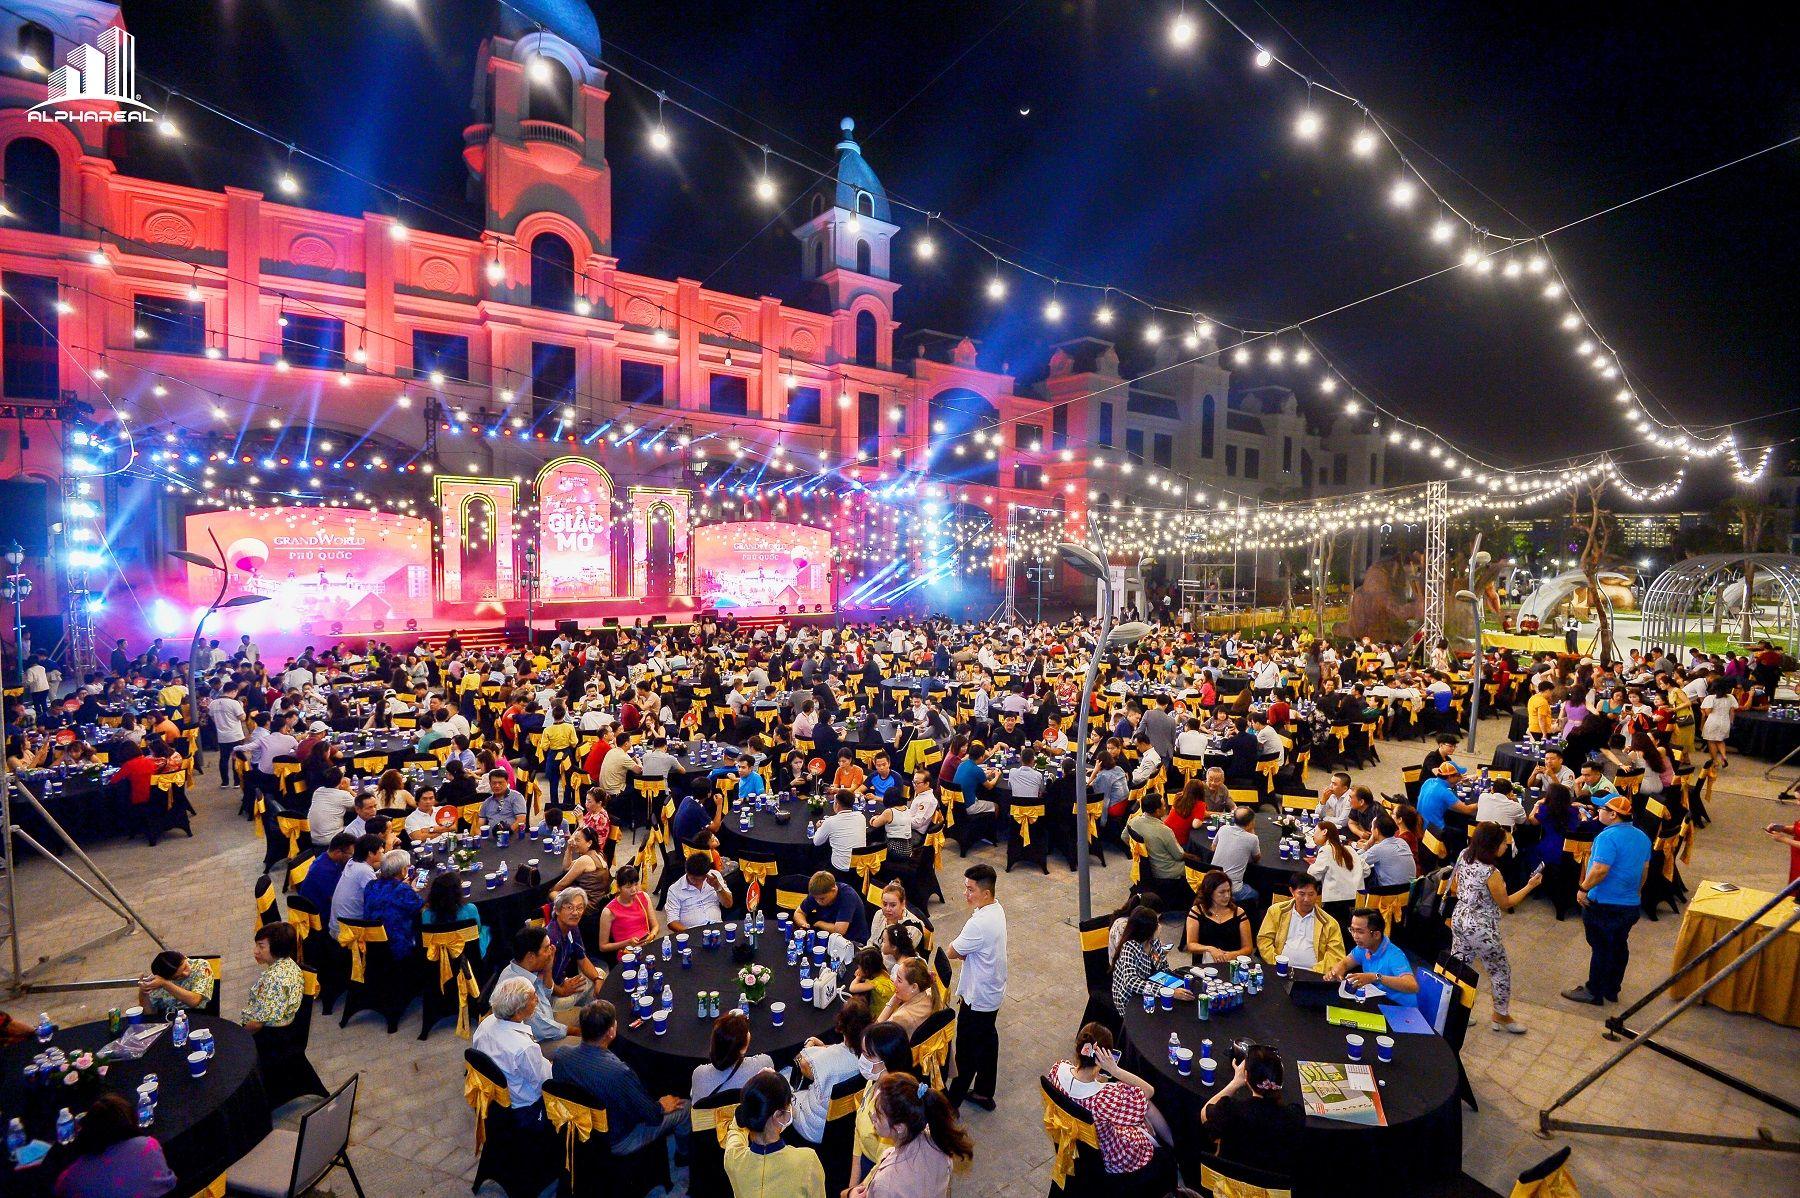 Hàng ngàn khách hàng tham dự sự kiện Grand Word thành phố của những giấc mơ.